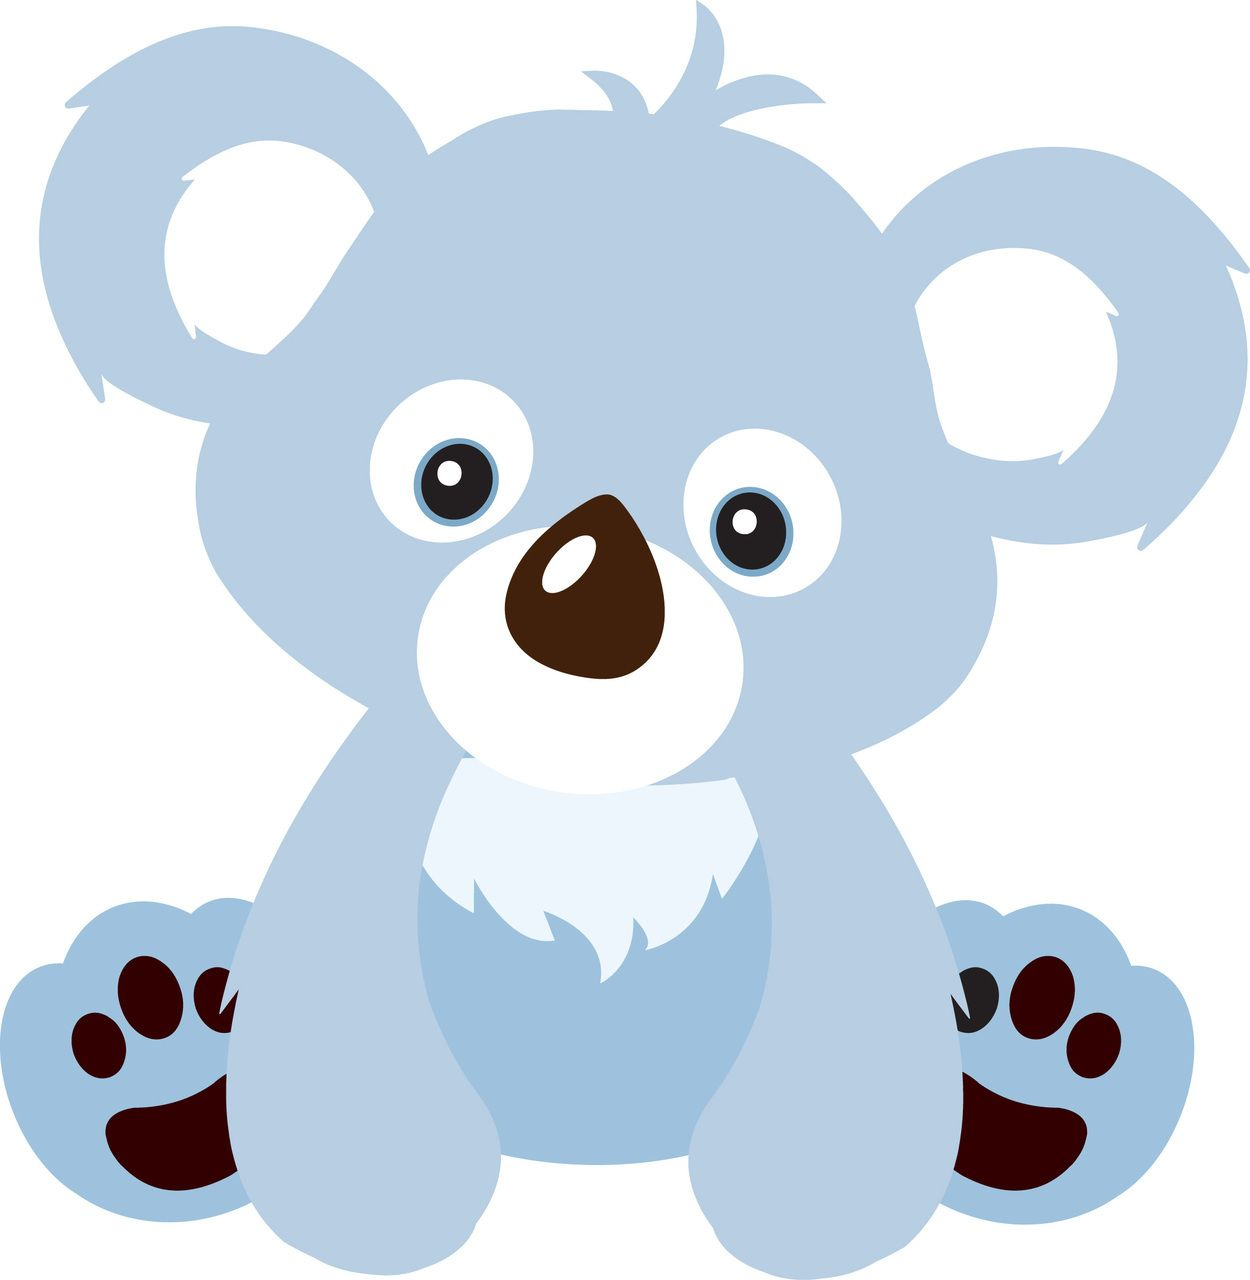 Koala Art And Design : Ppbn designs cute koala http ppbndesigns